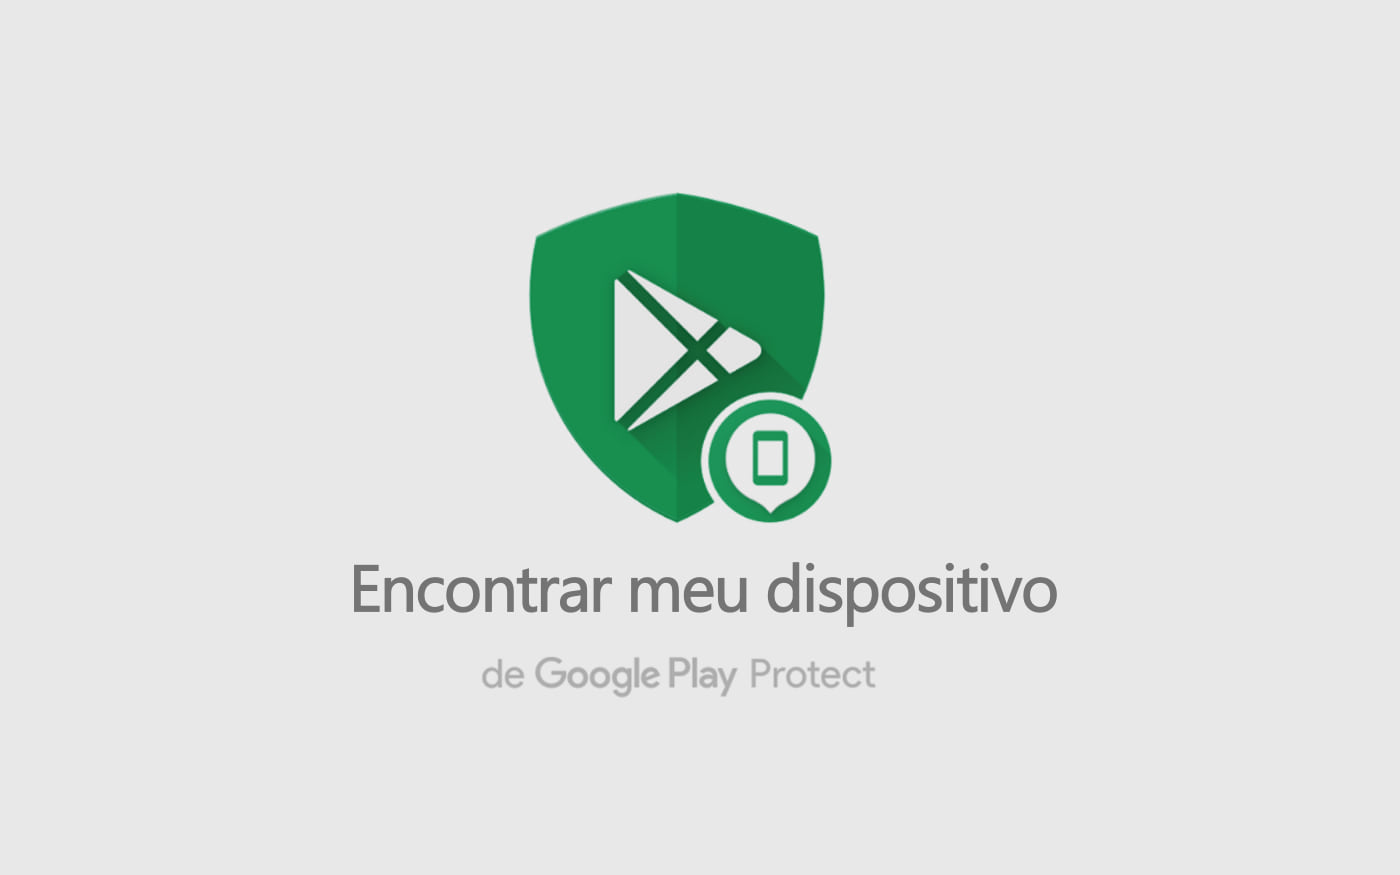 Tutorial: Como usar o rastreador do Google para encontrar seu celular